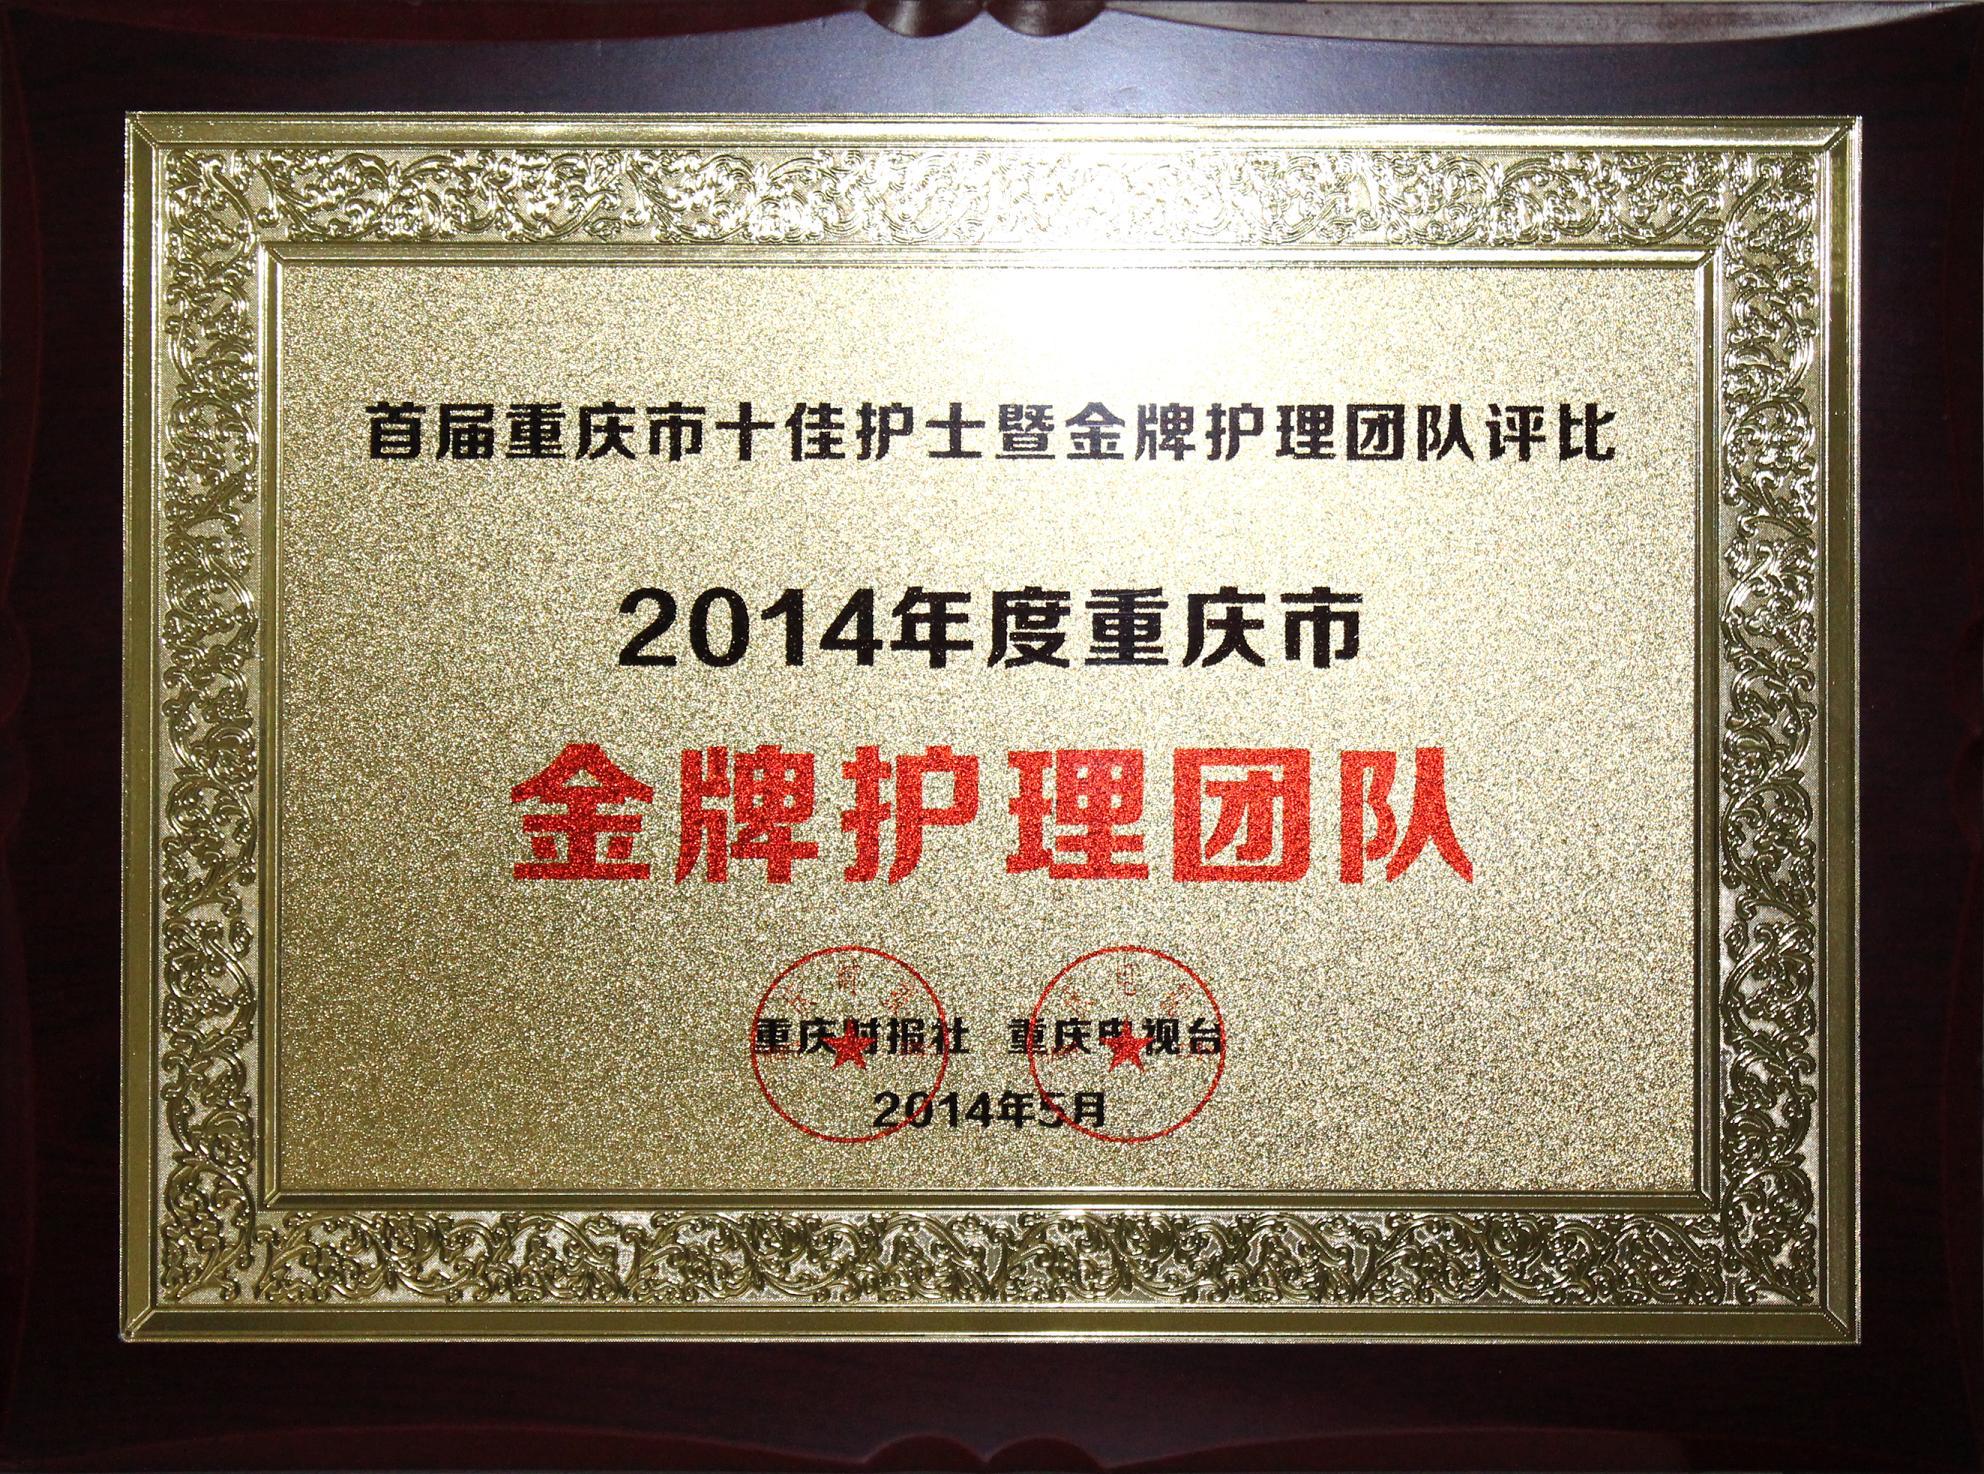 金牌护理团队-重庆爱尔眼科医院